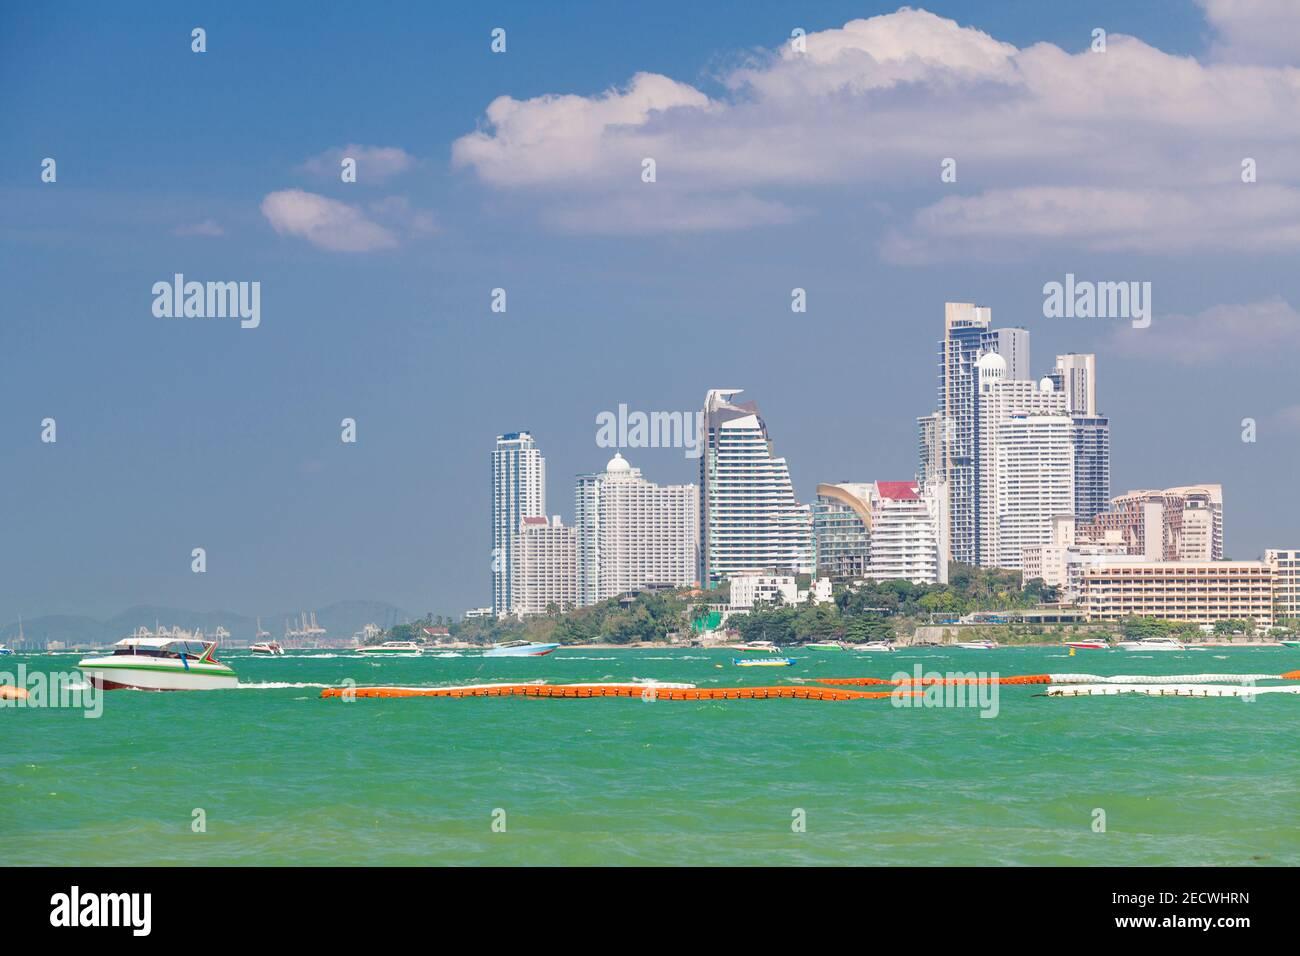 Hintergrund Hotels und Boote auf türkisfarbenem Wasser am Pattaya Beach, Thailand Stockfoto